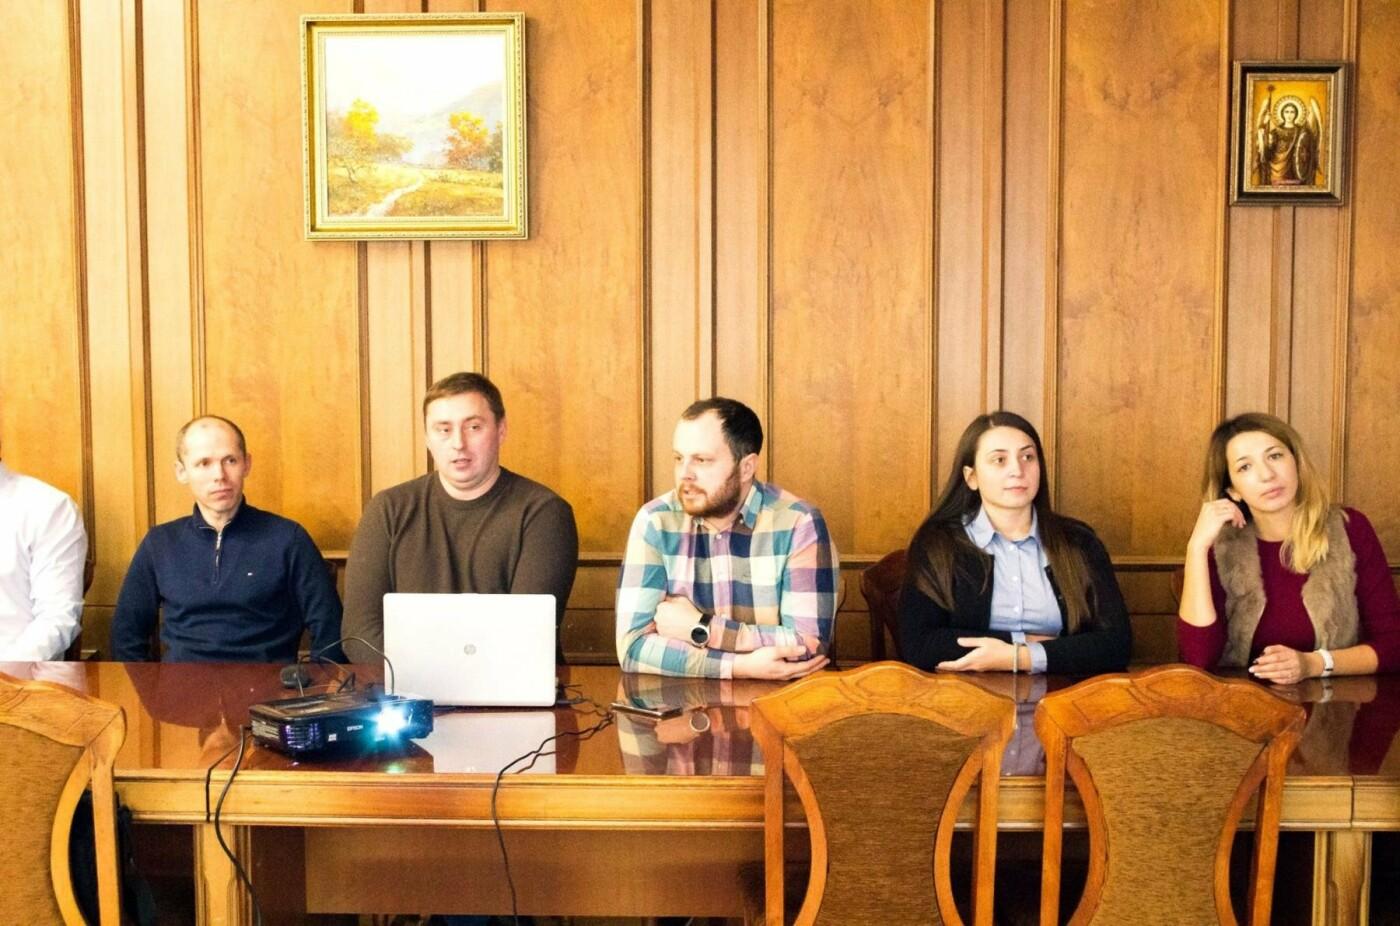 Марцінків збирається розвинути в Івано-Франківську IT-сферу. ФОТО, фото-4